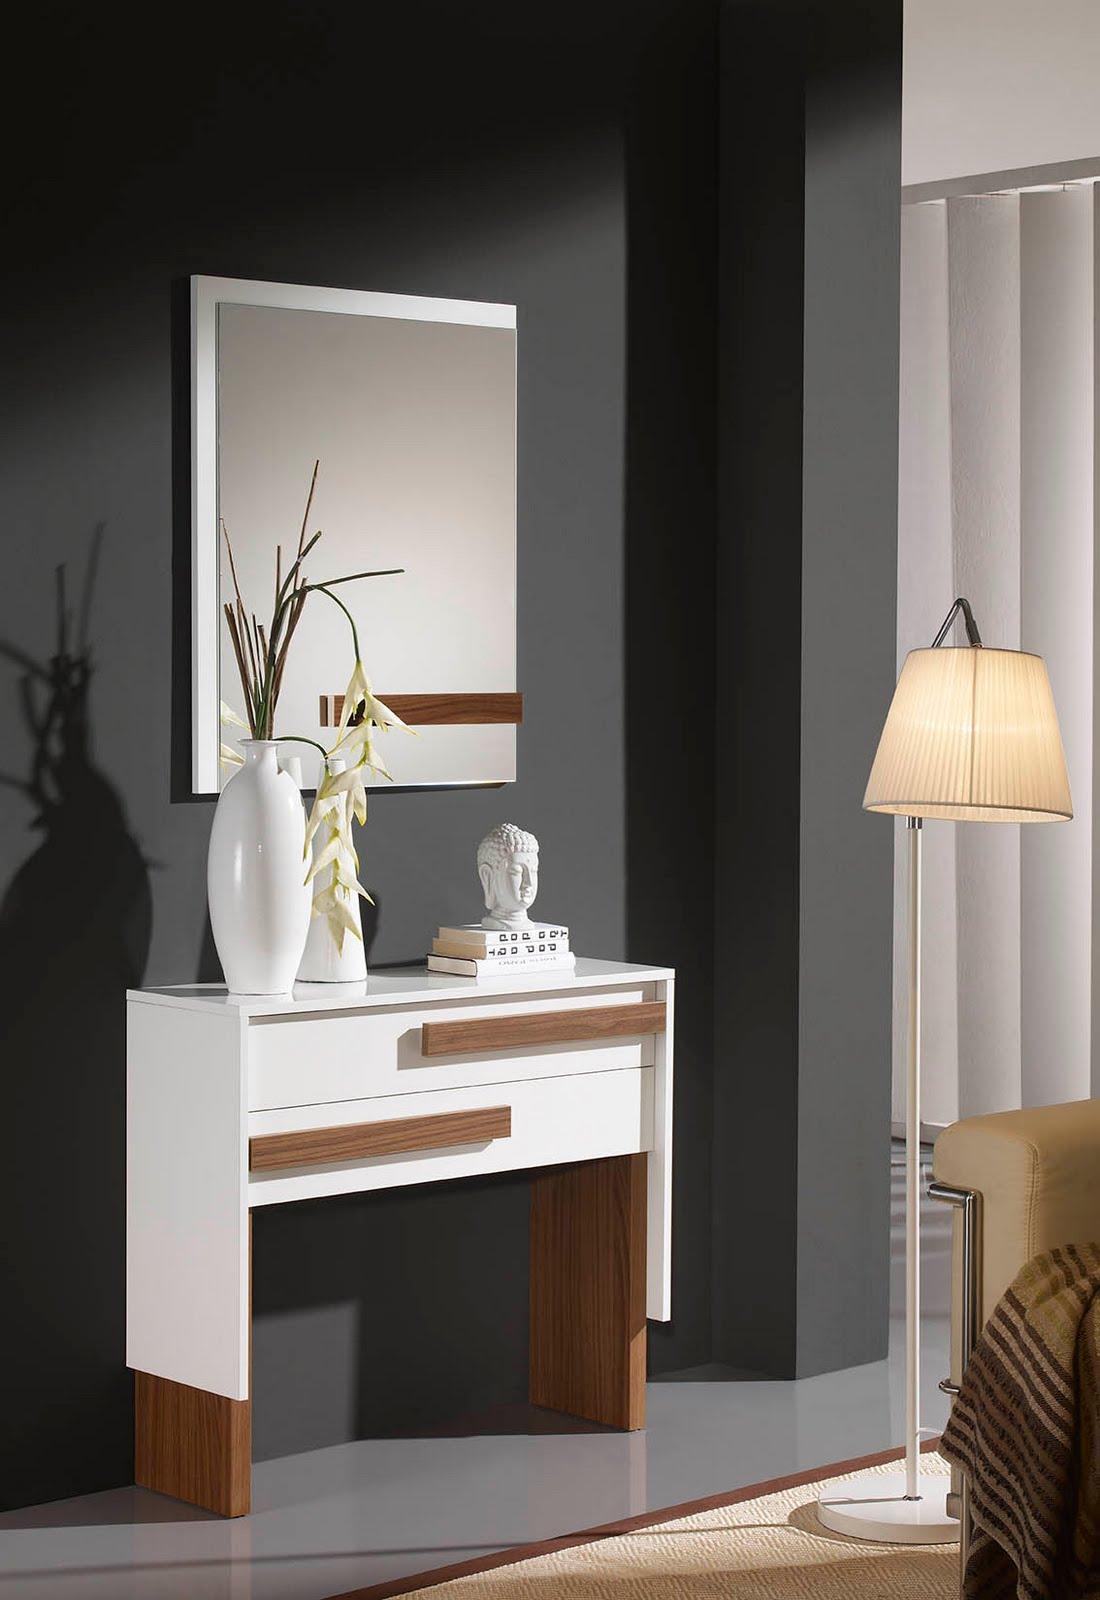 Muebles eduardo tallero entradas y recibidores - Entradas y recibidores ...